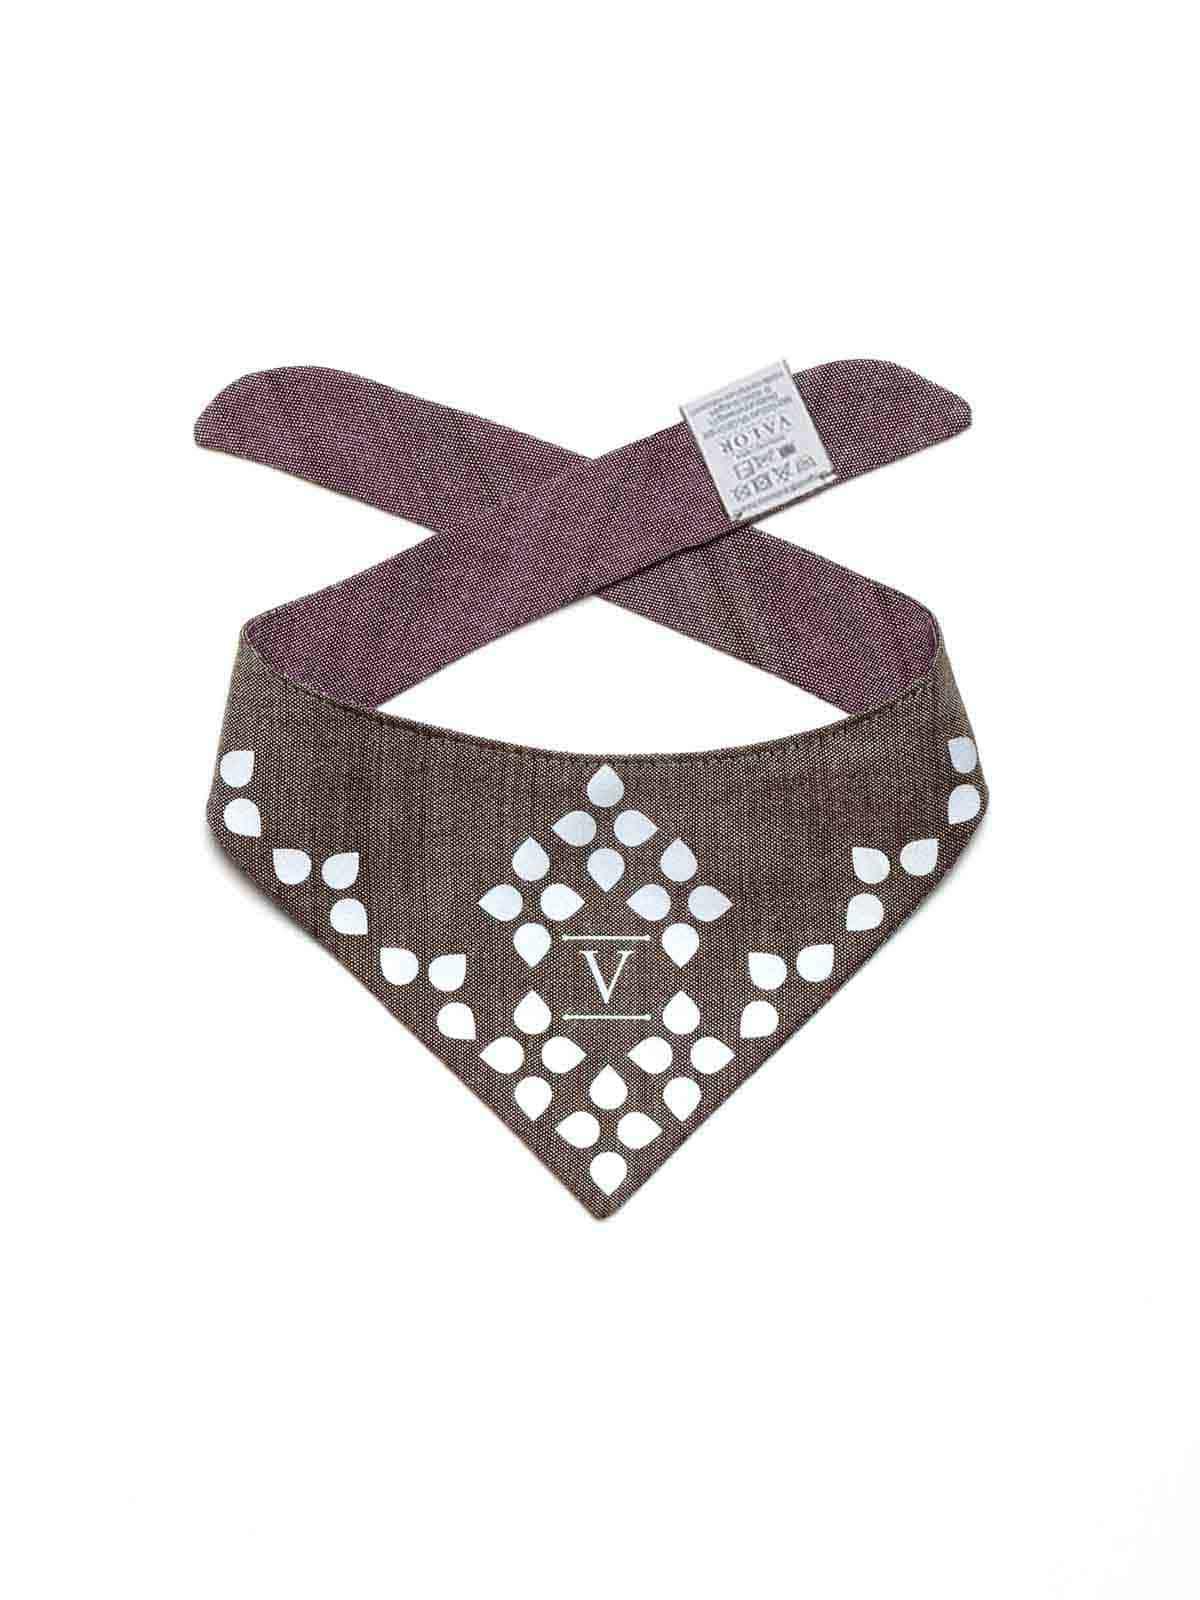 dog neckerchief, dog cooling bandana uk